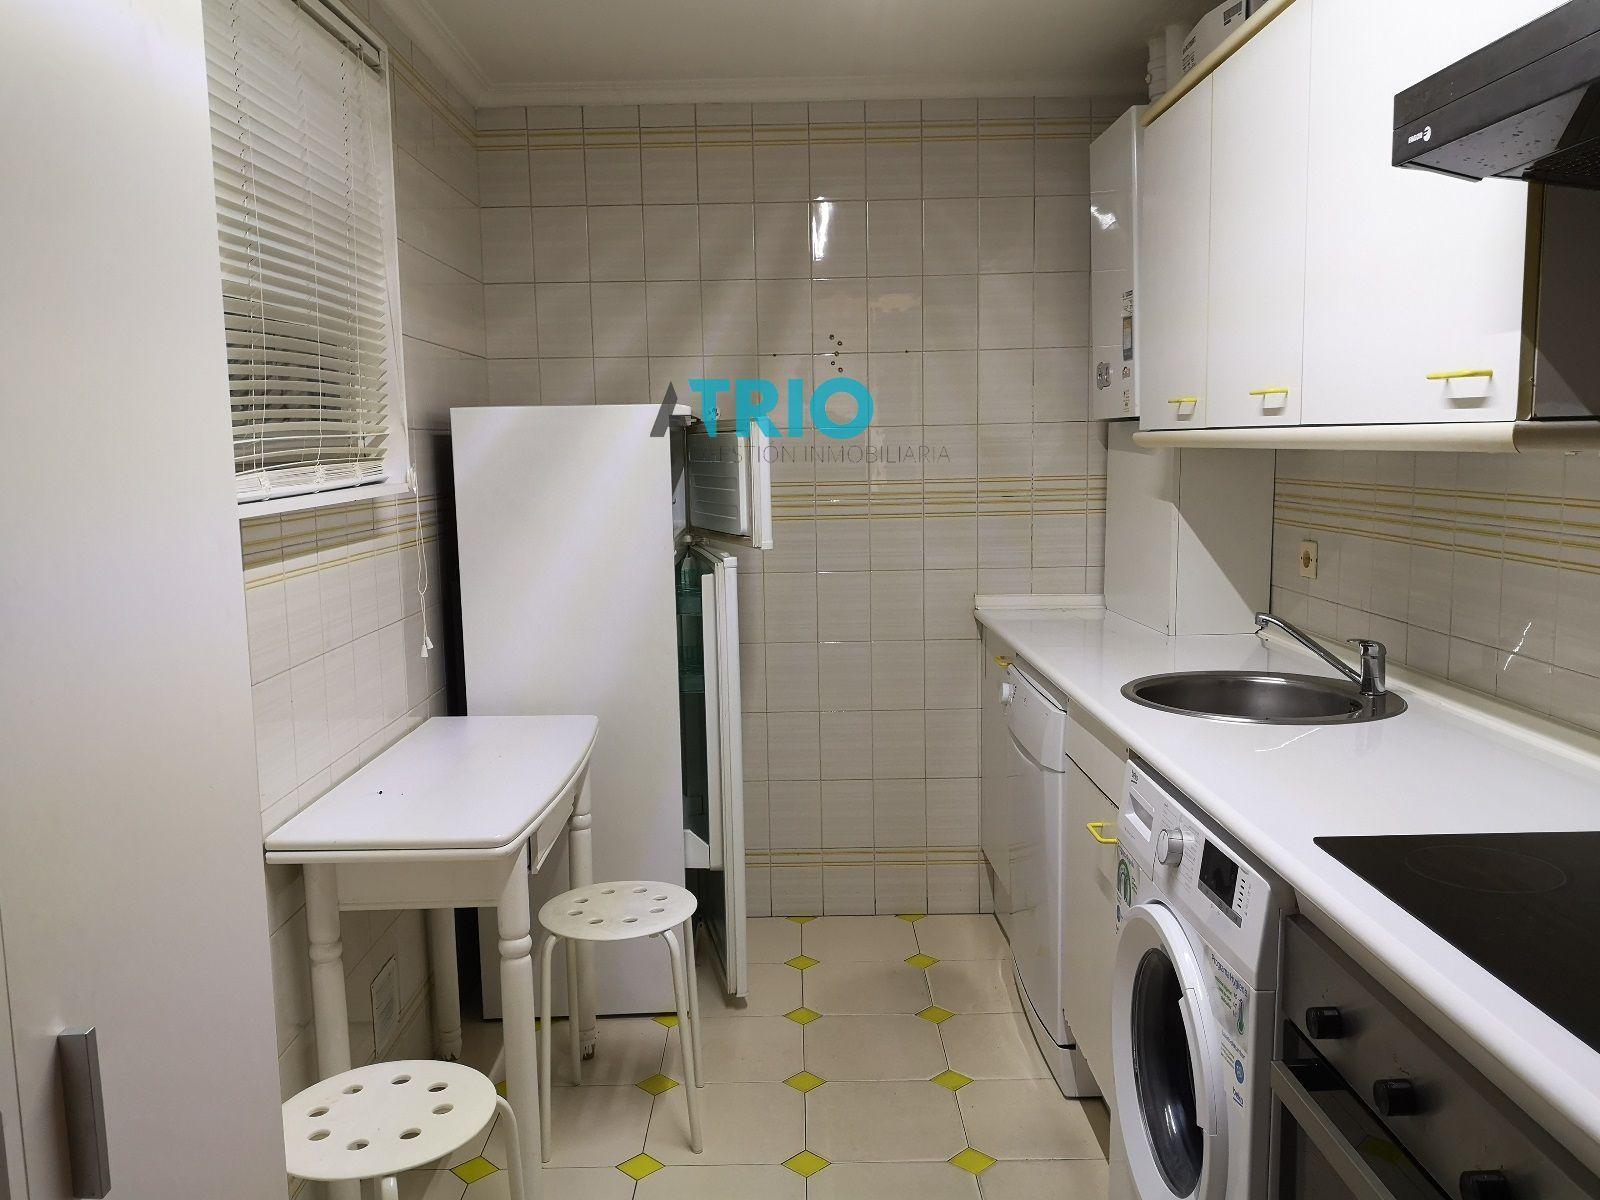 dia.mobiliagestion.es/Portals/inmoatrio/Images/7112/5564186